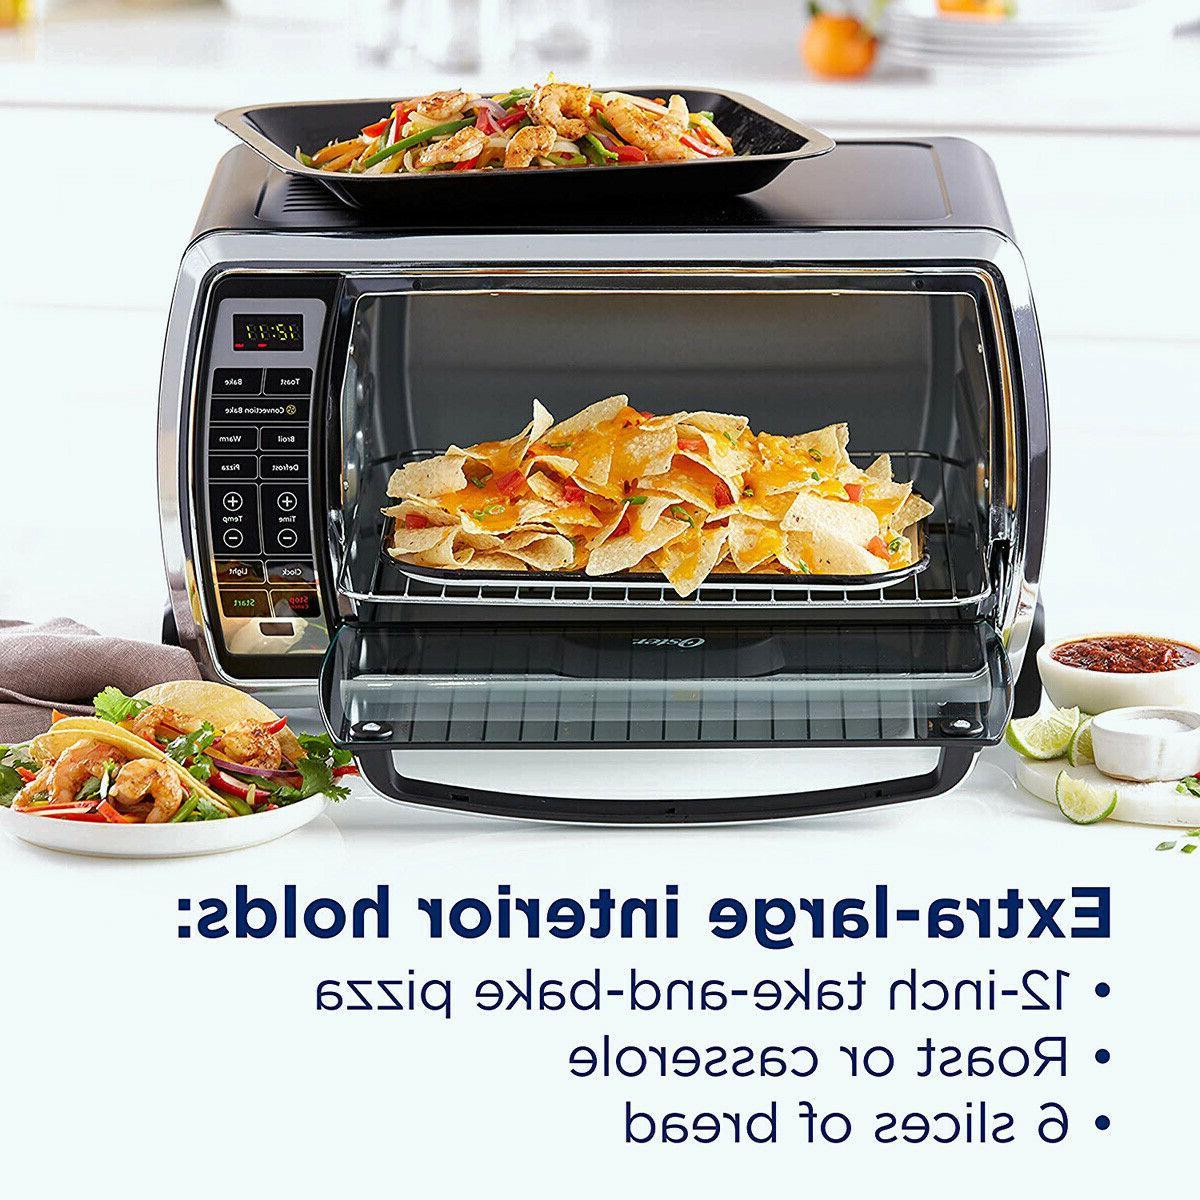 Oster Digital Large 6-Slice Capacity, Black/Poli